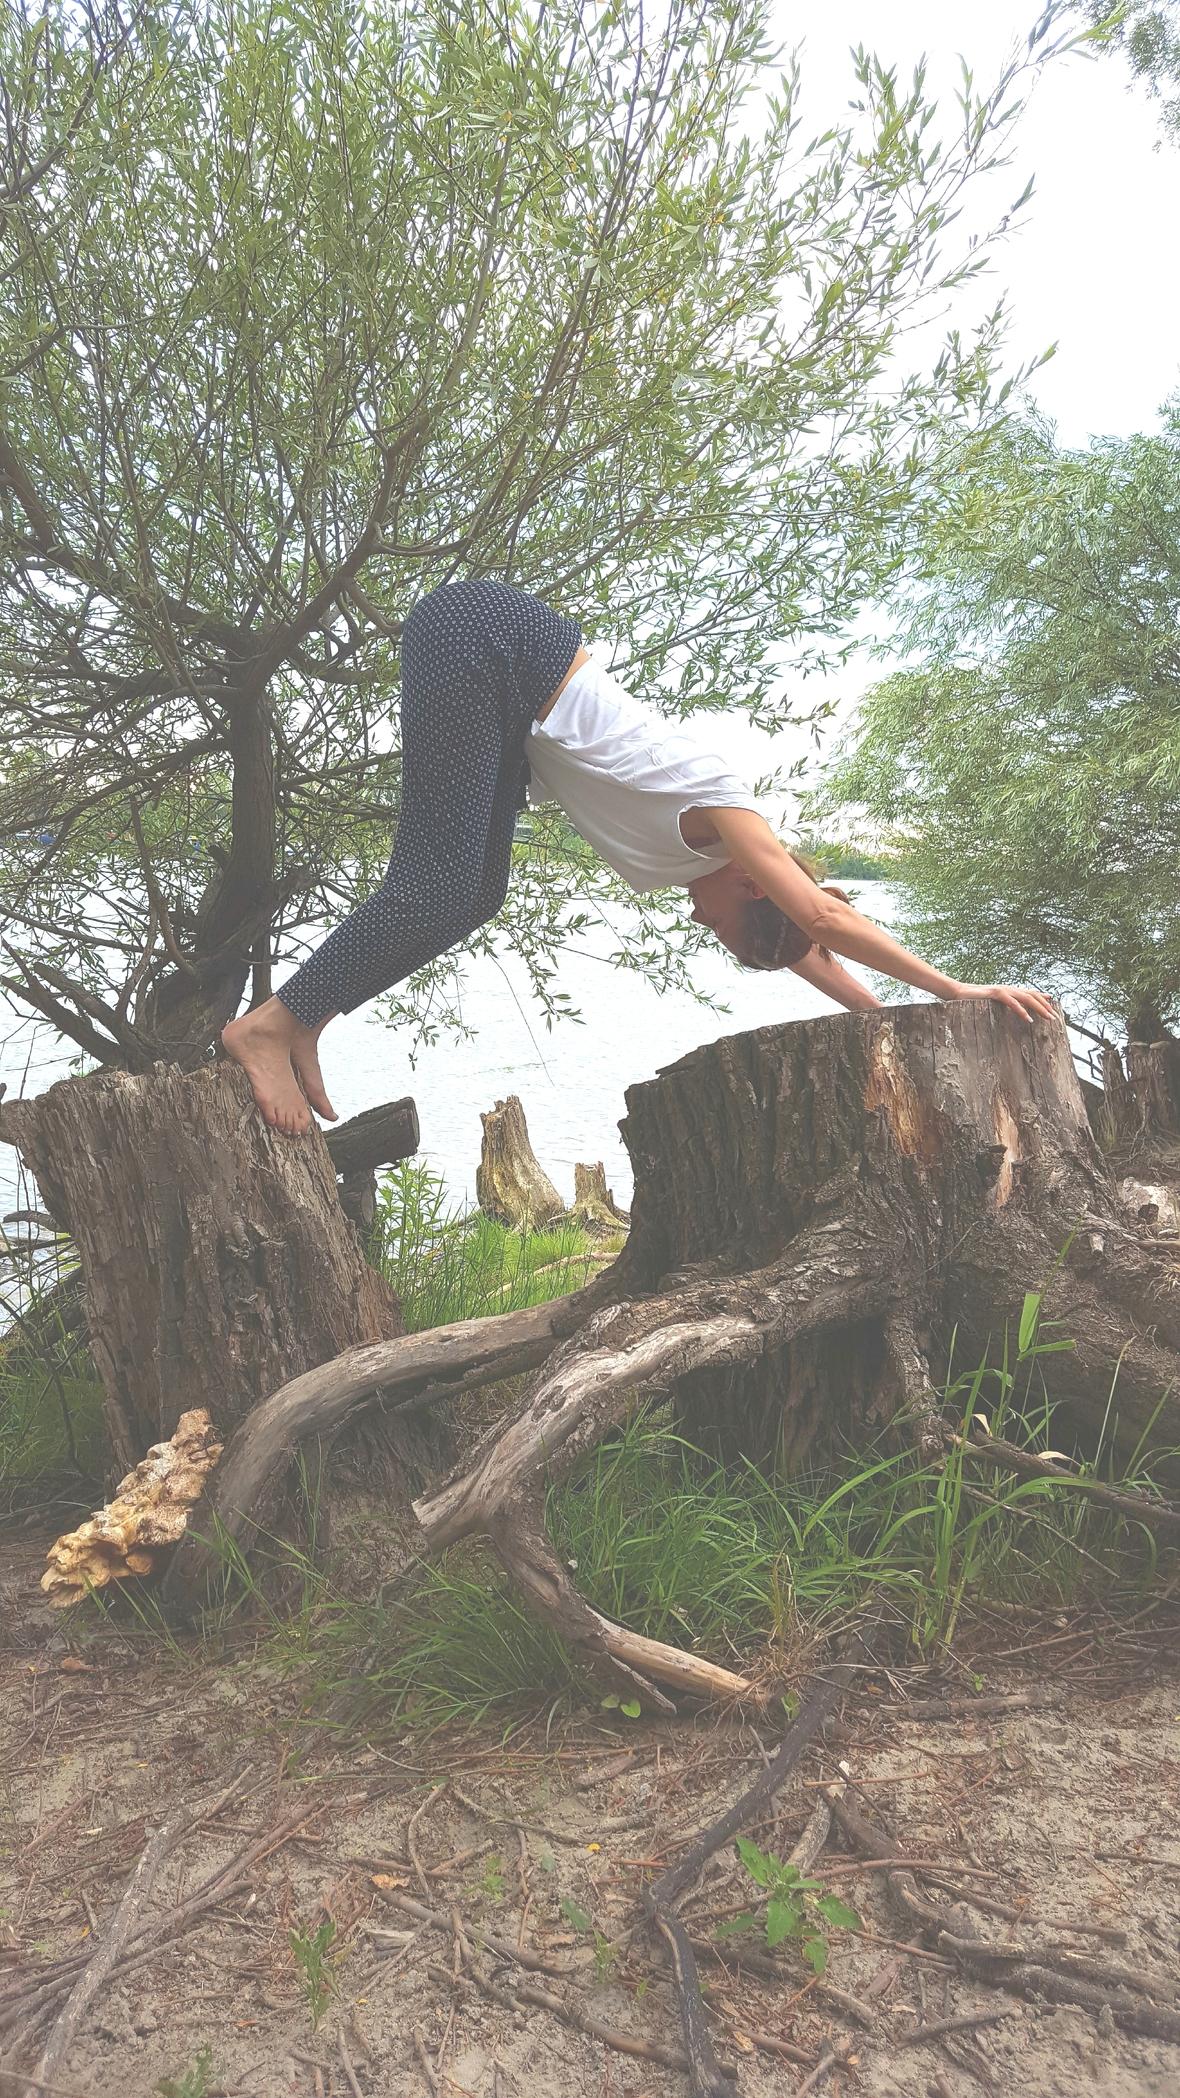 Yoga am Baumstamm